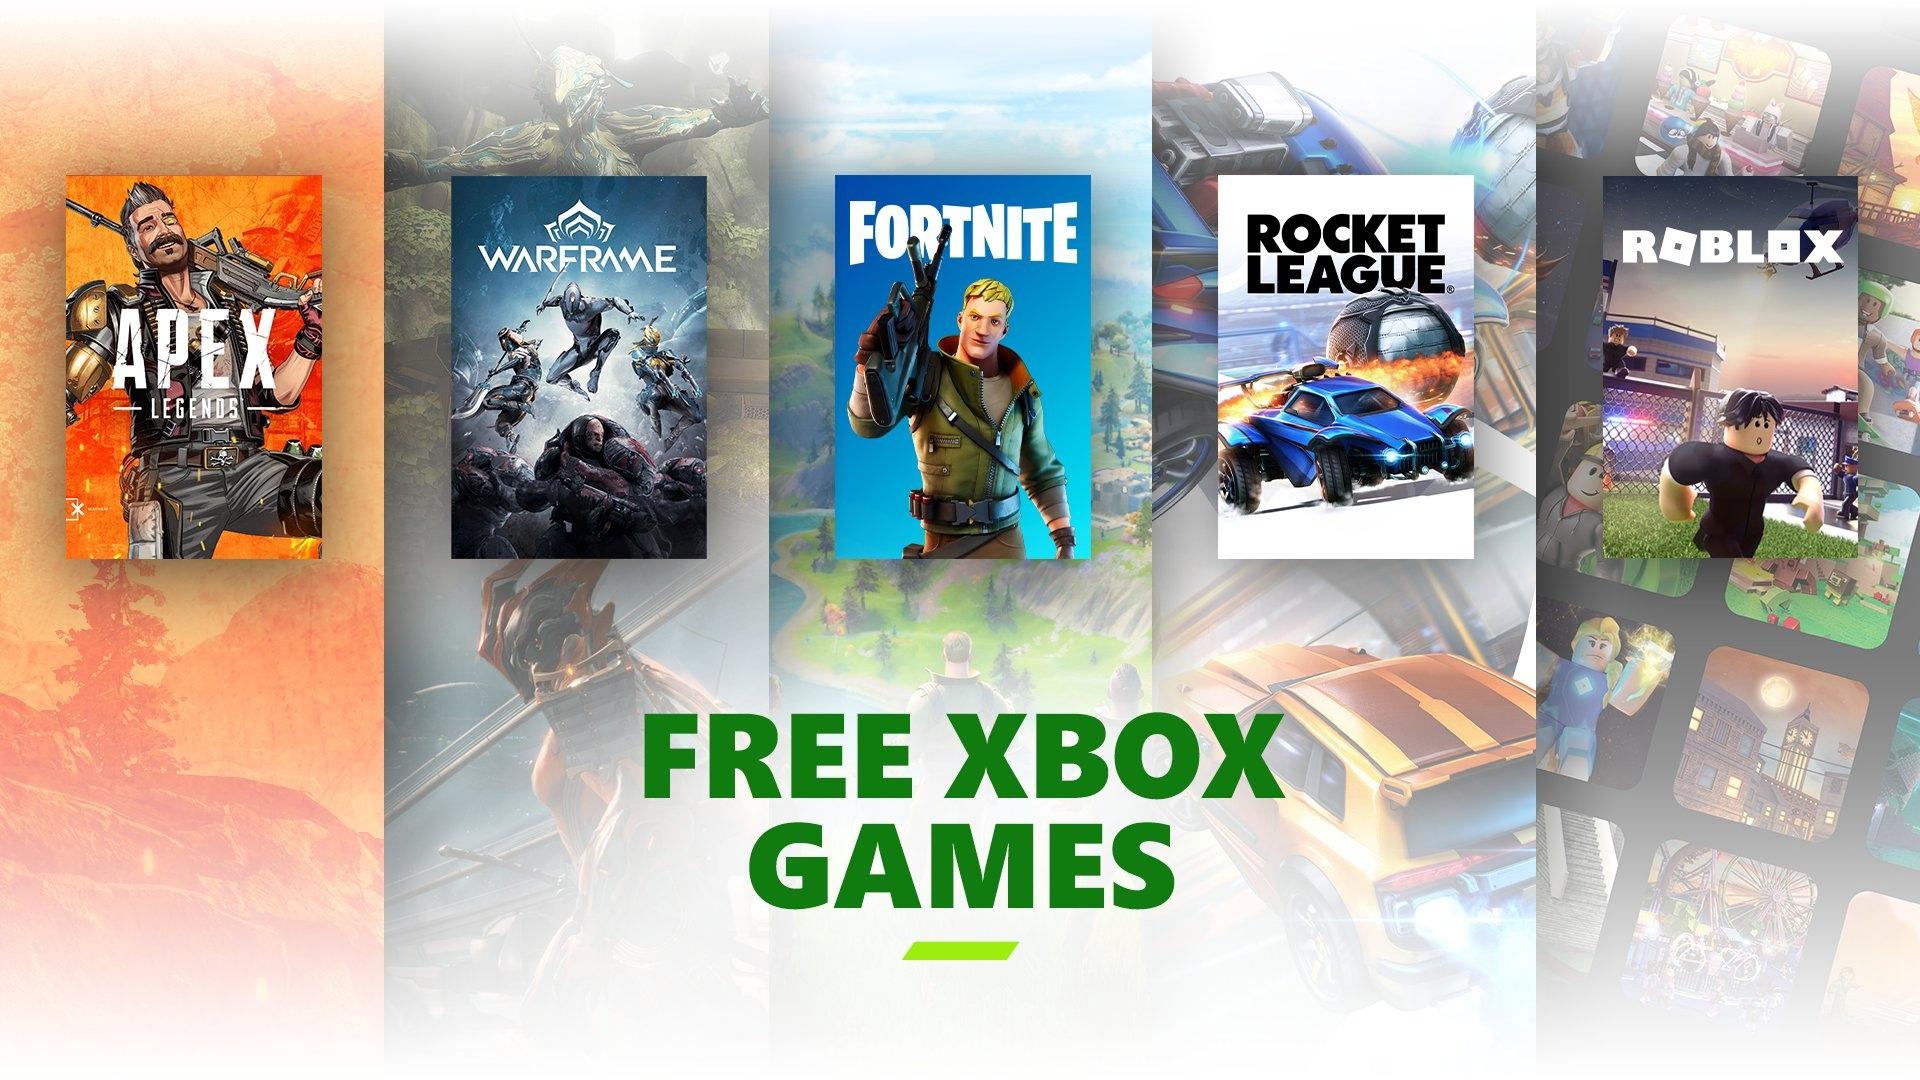 Xbox объявили, что сегодня некоторые условно-бесплатных игр наконец-то перестанут требовать подписку Xbox Live Gold